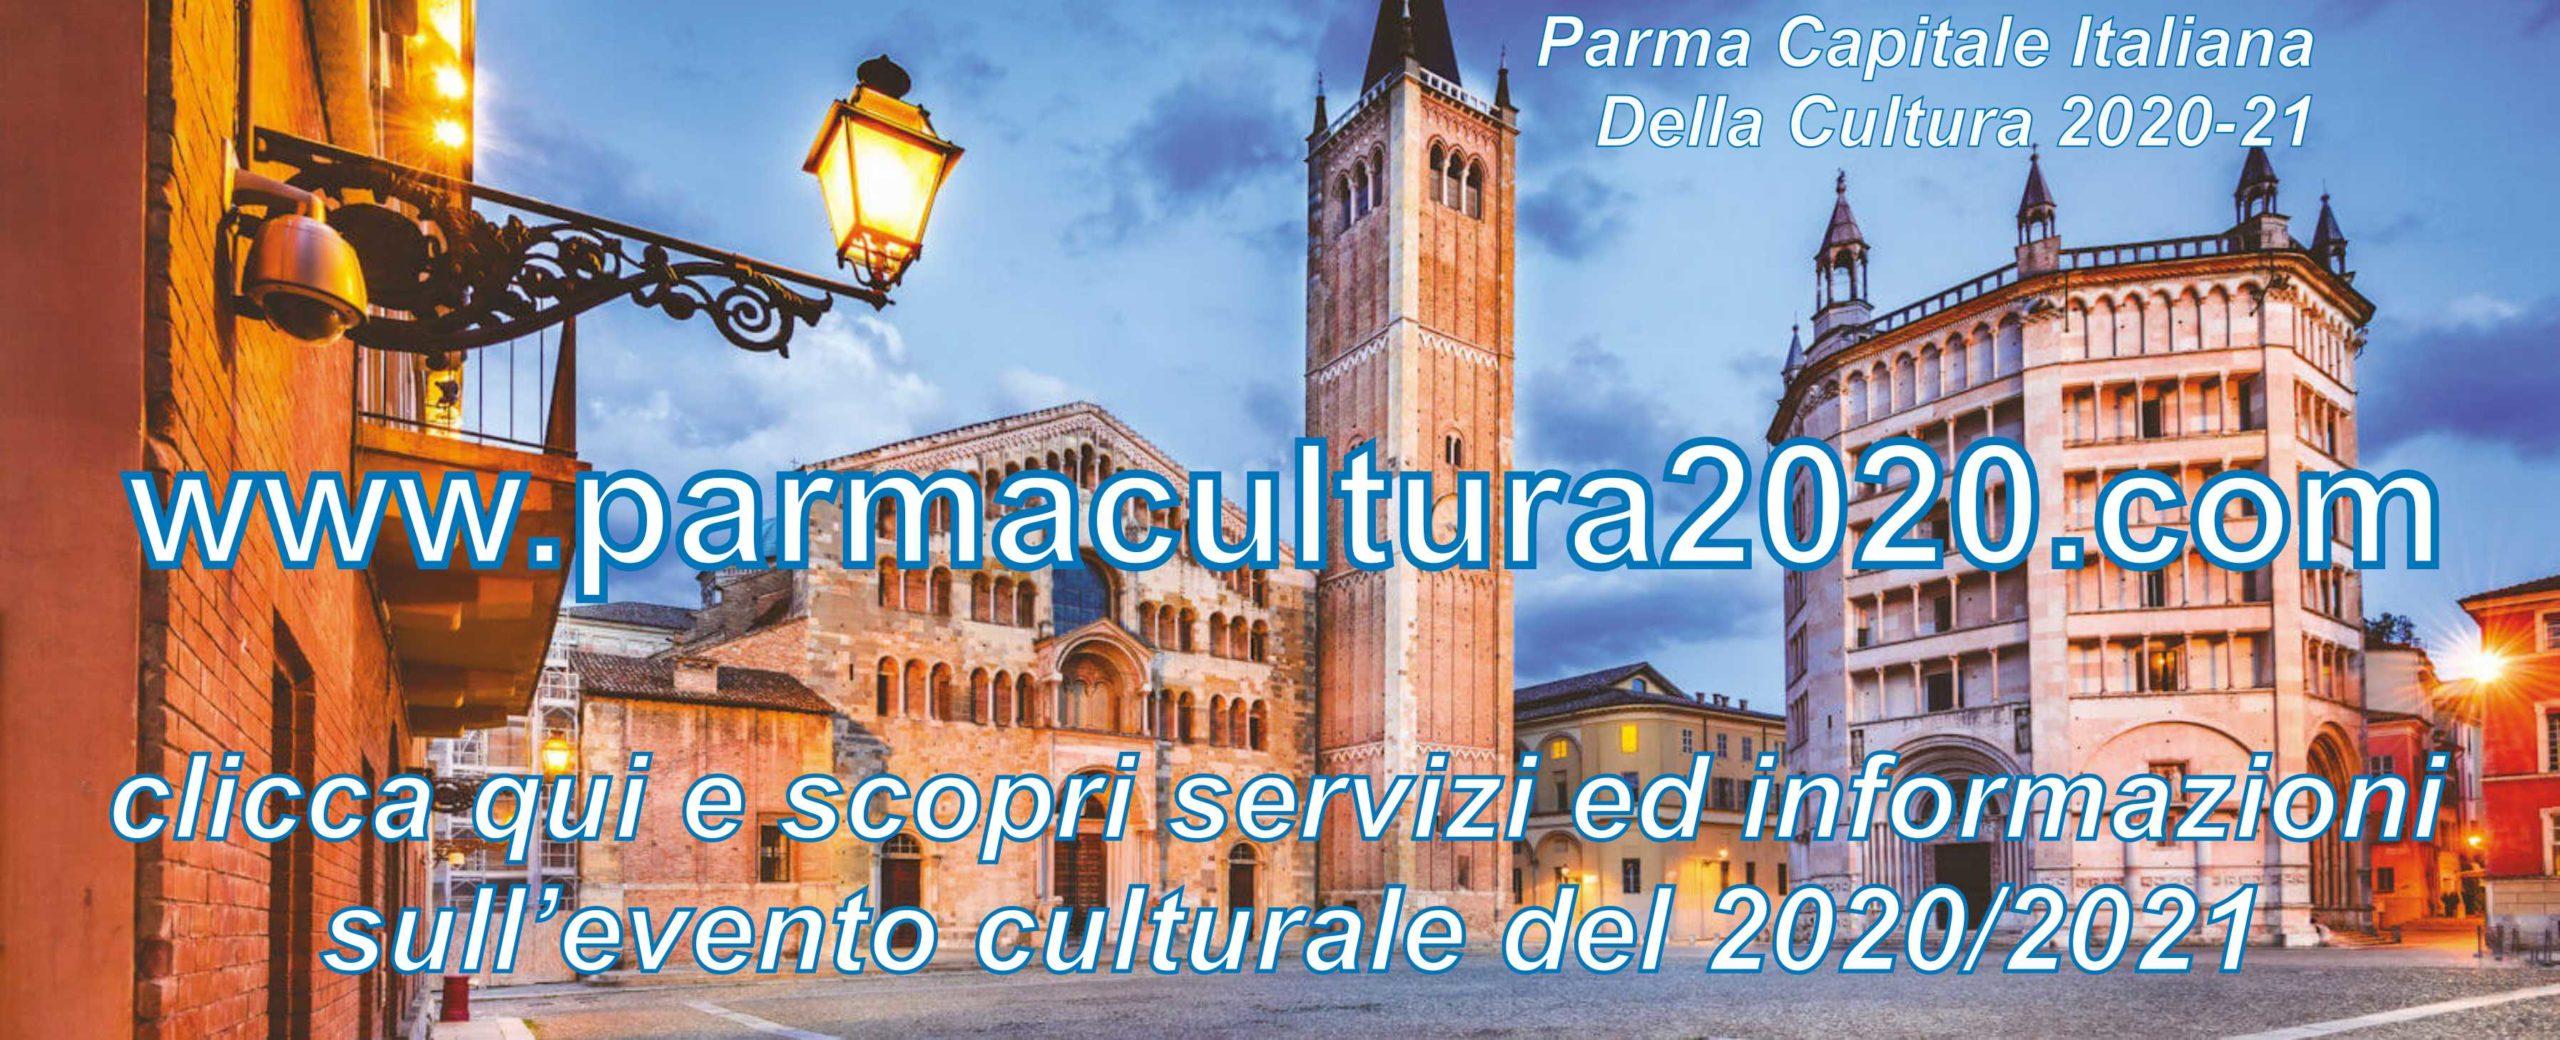 03 - Parma 2021